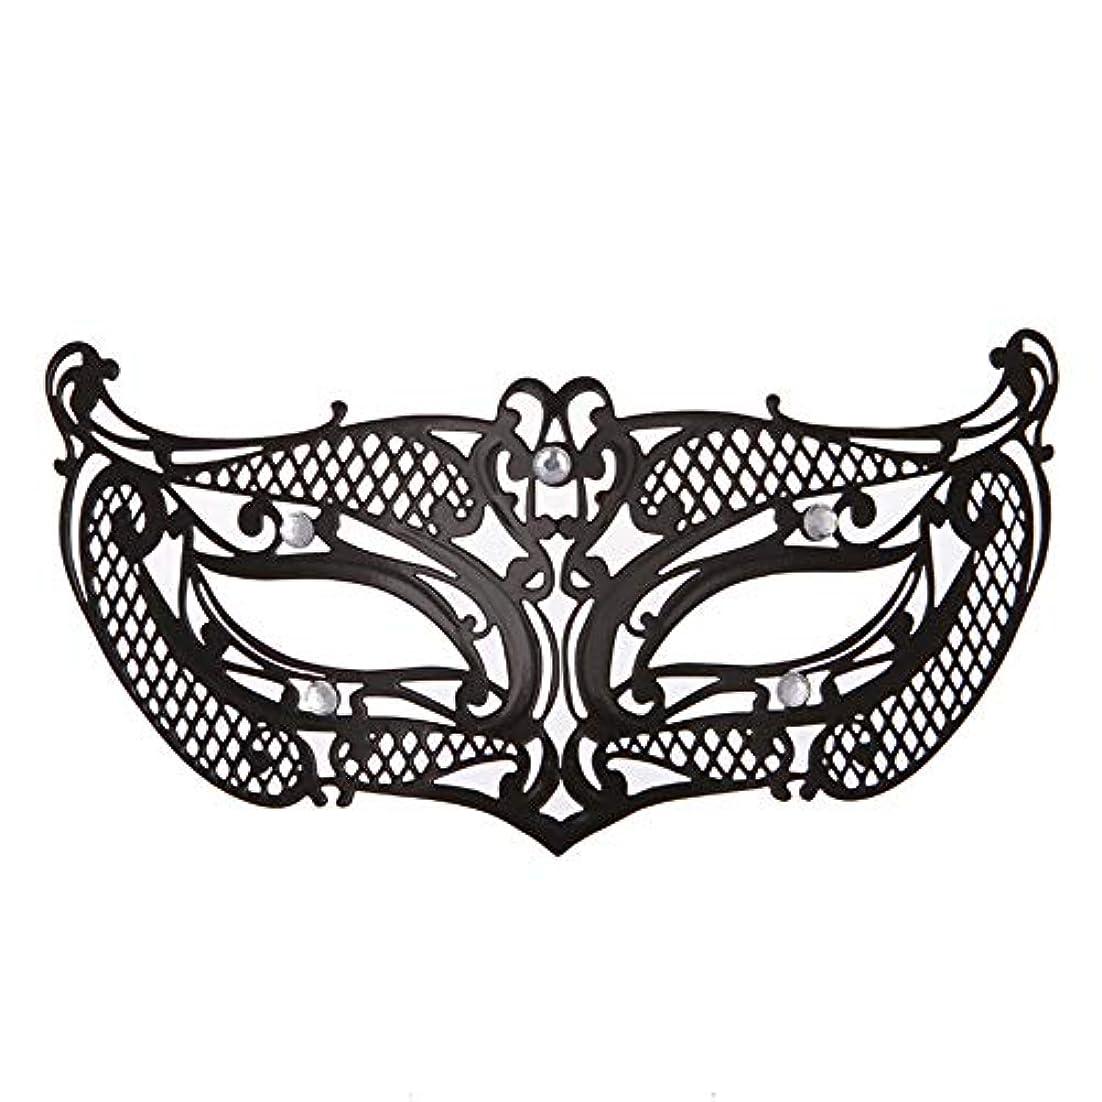 債務差別化する疾患ダンスマスク アイアンメタリックレースとダイヤモンドハーフマスクハロウィンダンスマスクナイトクラブボールマスクコスプレパーティーハロウィンマスク パーティーボールマスク (色 : ブラック, サイズ : 19x8cm)